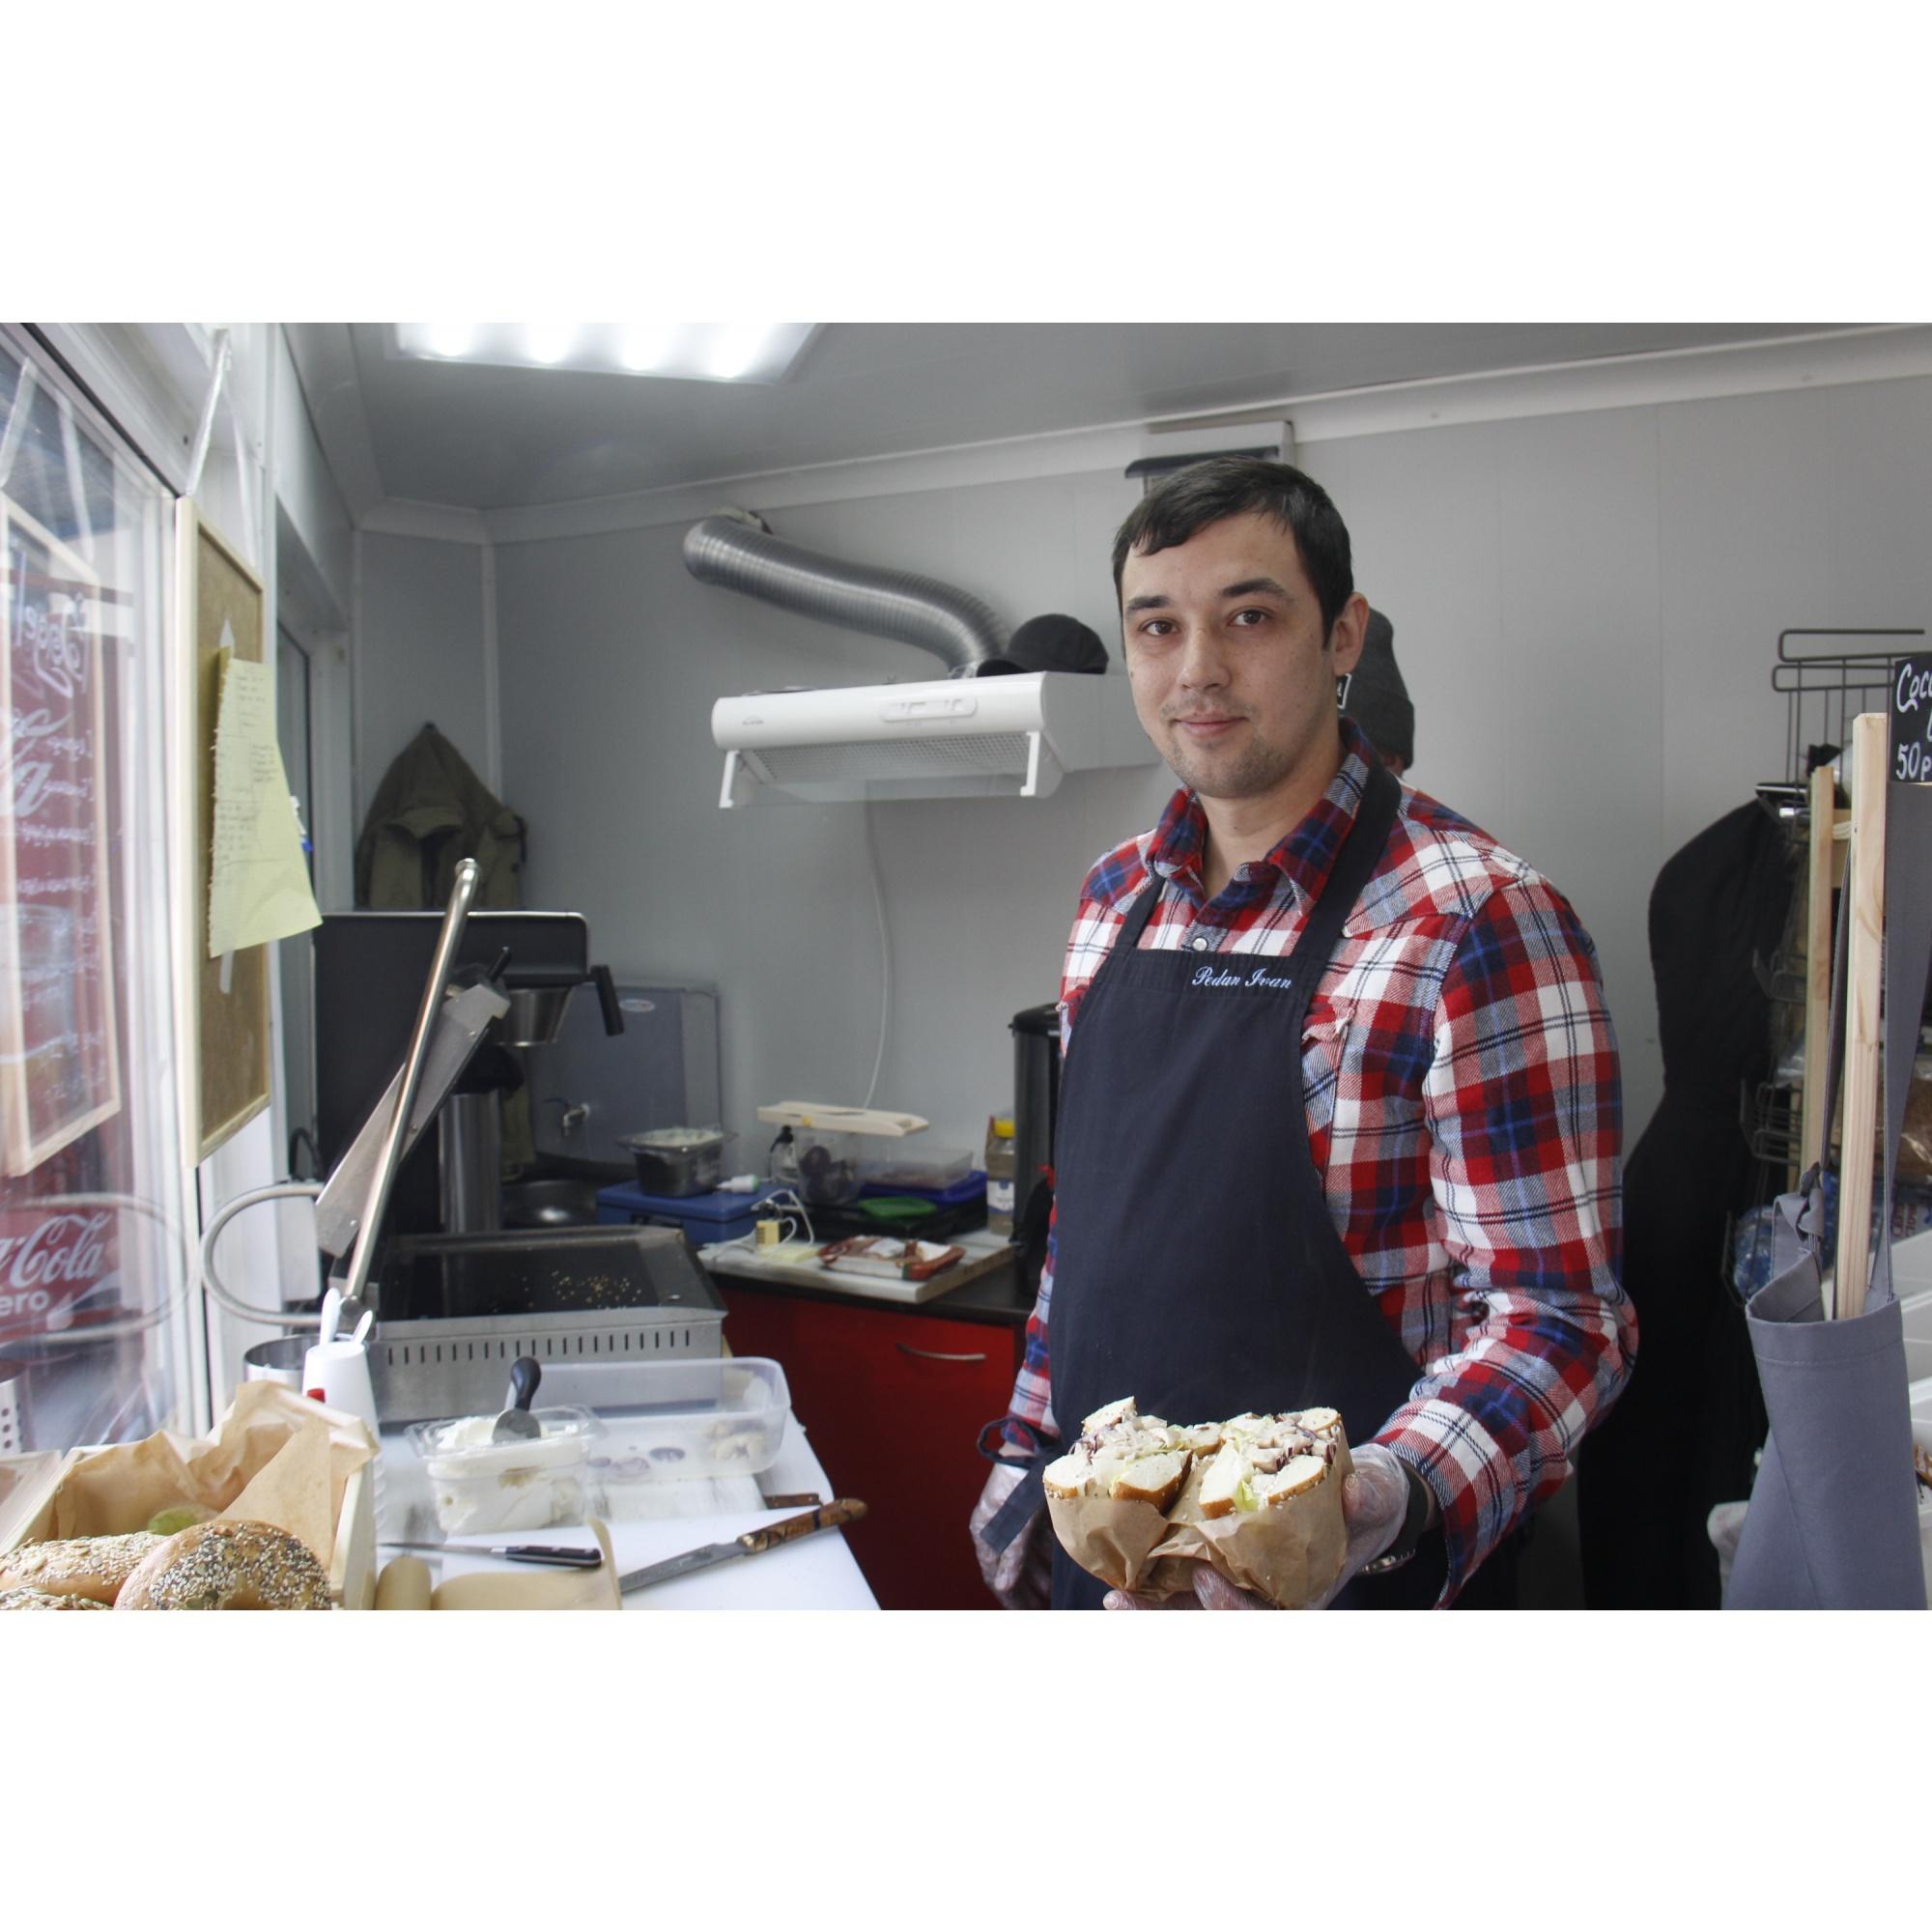 Иван Педан говорит, что все ингредиенты для Bagel Street Food будут готовиться на базе уже работающей кейтеринговой службы